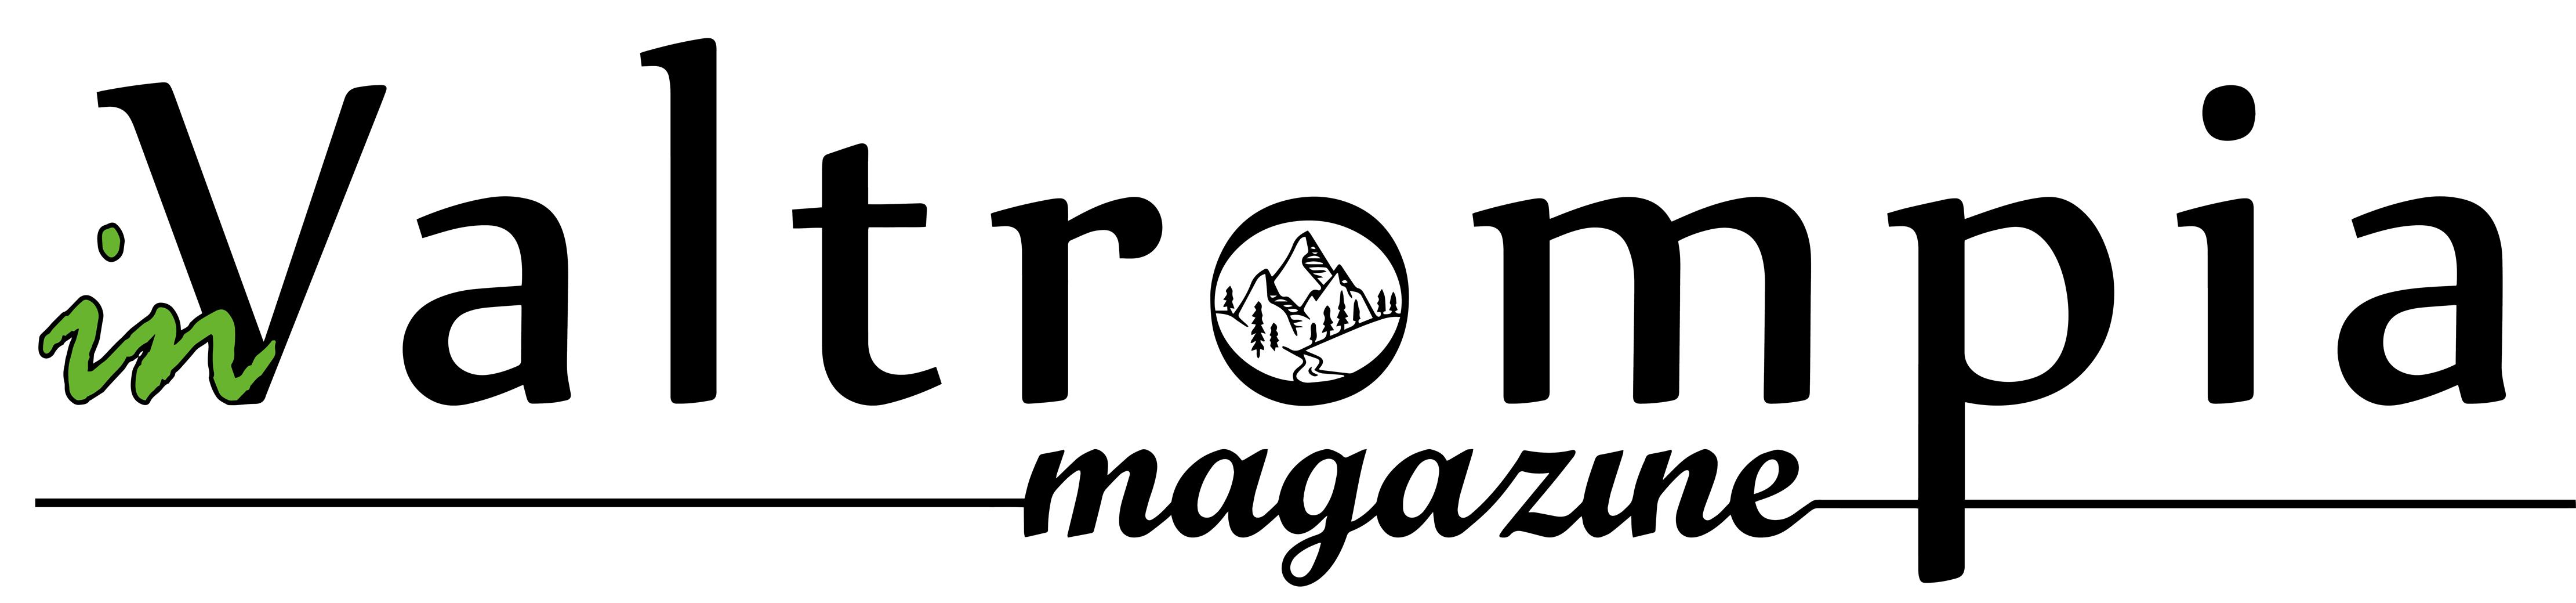 logo nero invaltrompia png senza sfondo